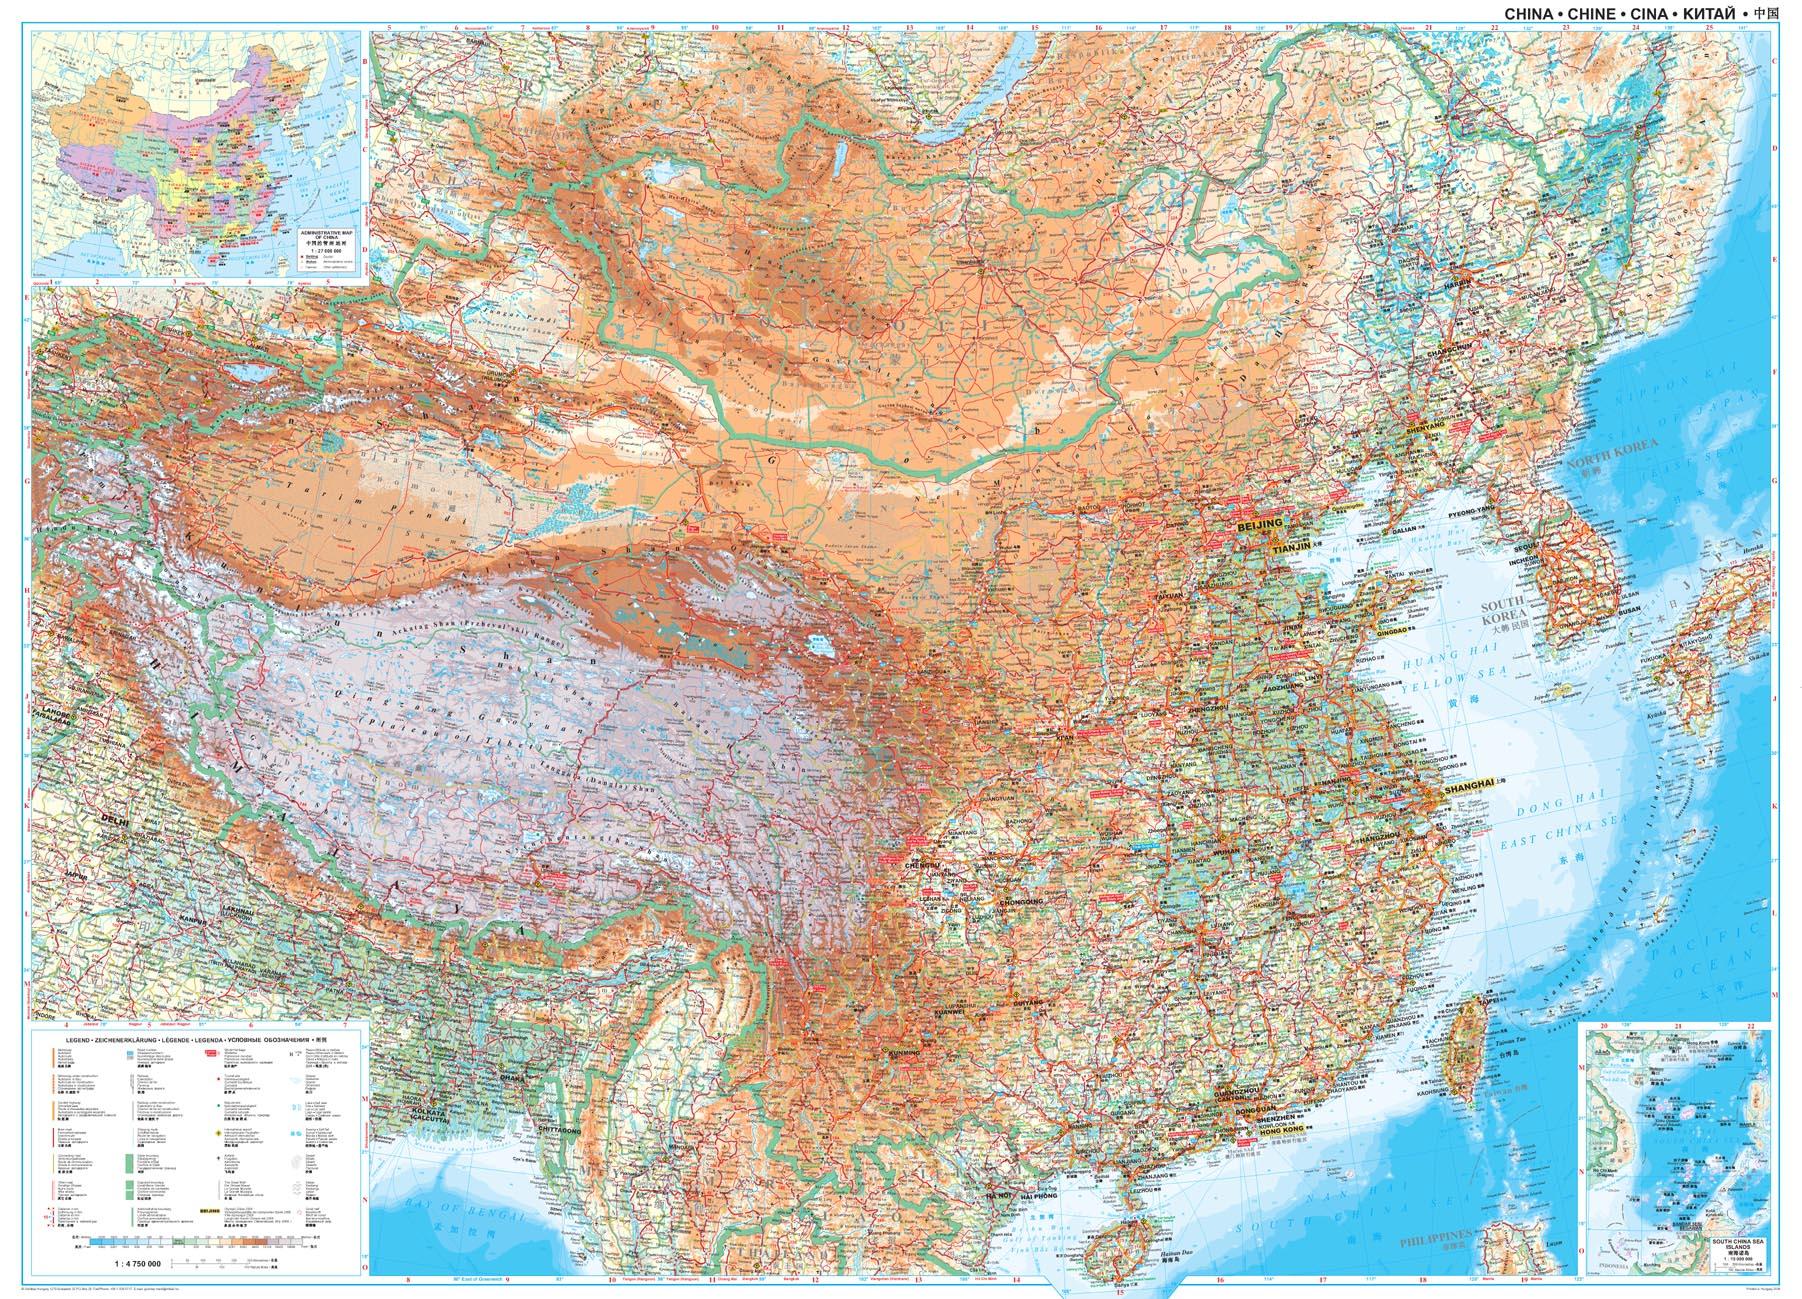 China geografisch wandkaart